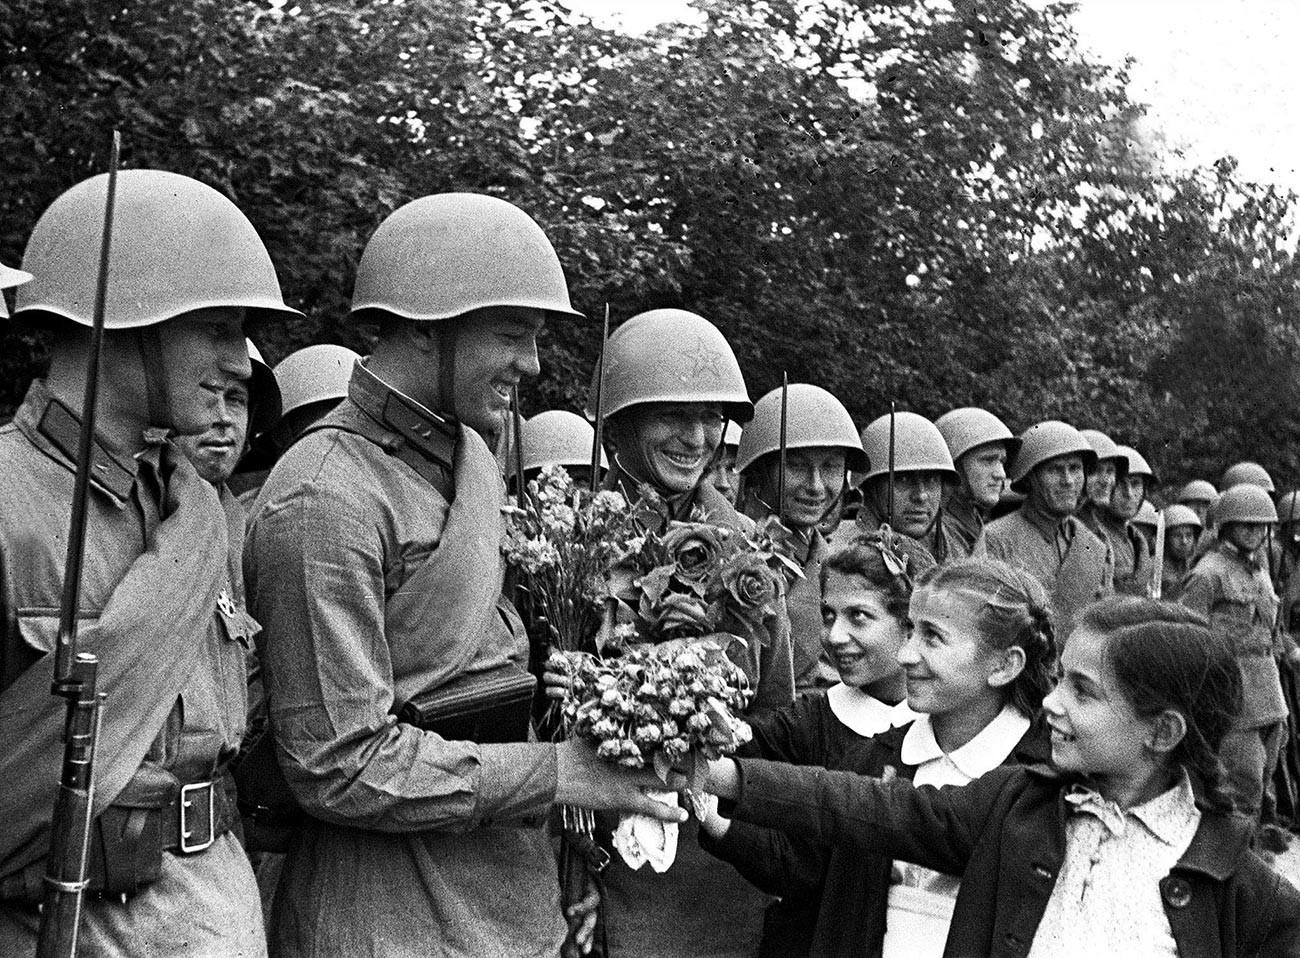 Soldados do Exército Vermelho são recebidos por crianças durante um desfile militar celebrando a incorporação da Bessarábia e da Bucovina do Norte à URSS, Quichinau, em 4 de julho de 1940